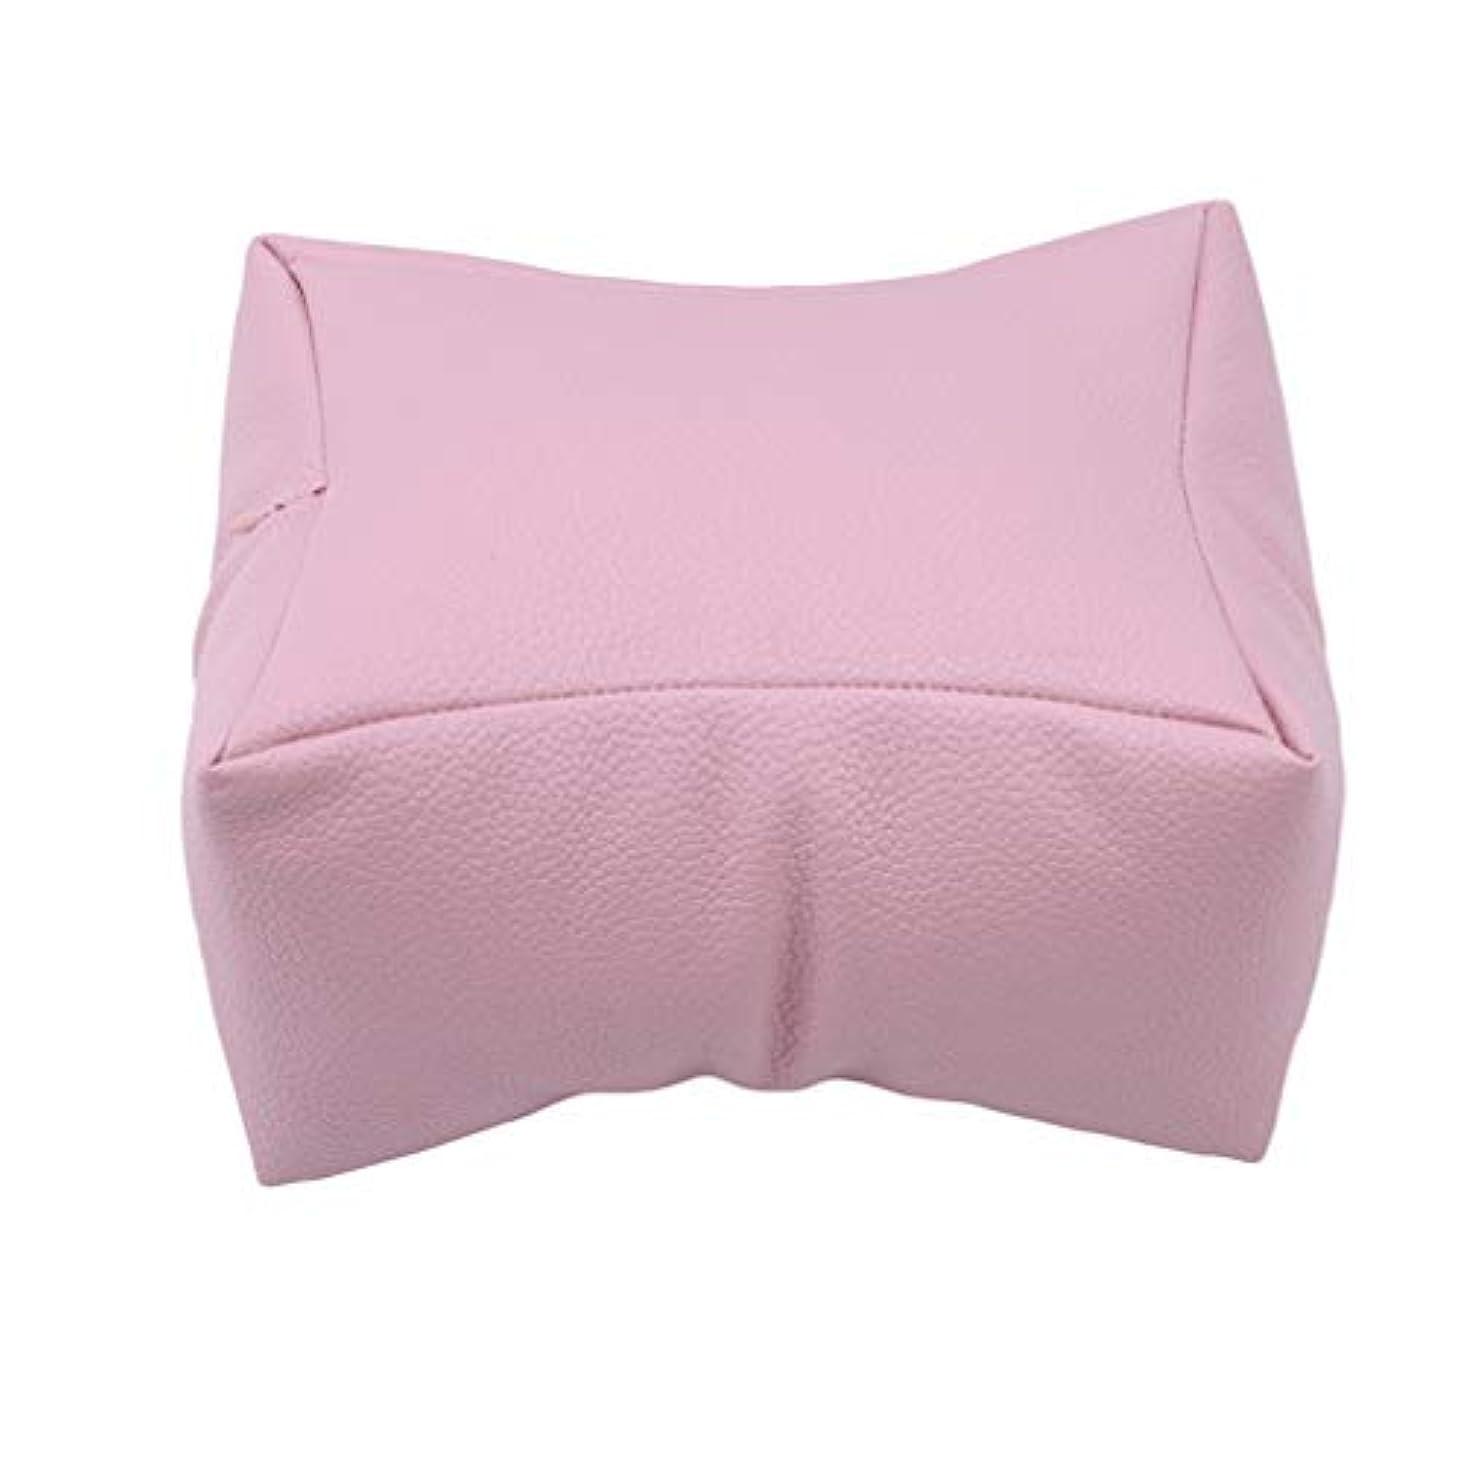 エイリアス夫疾患Noonlity 枕 ハンド枕 腕枕 腕置き 手の枕 柔らかい ジェルネイルまくら 練習用にも,ピンク